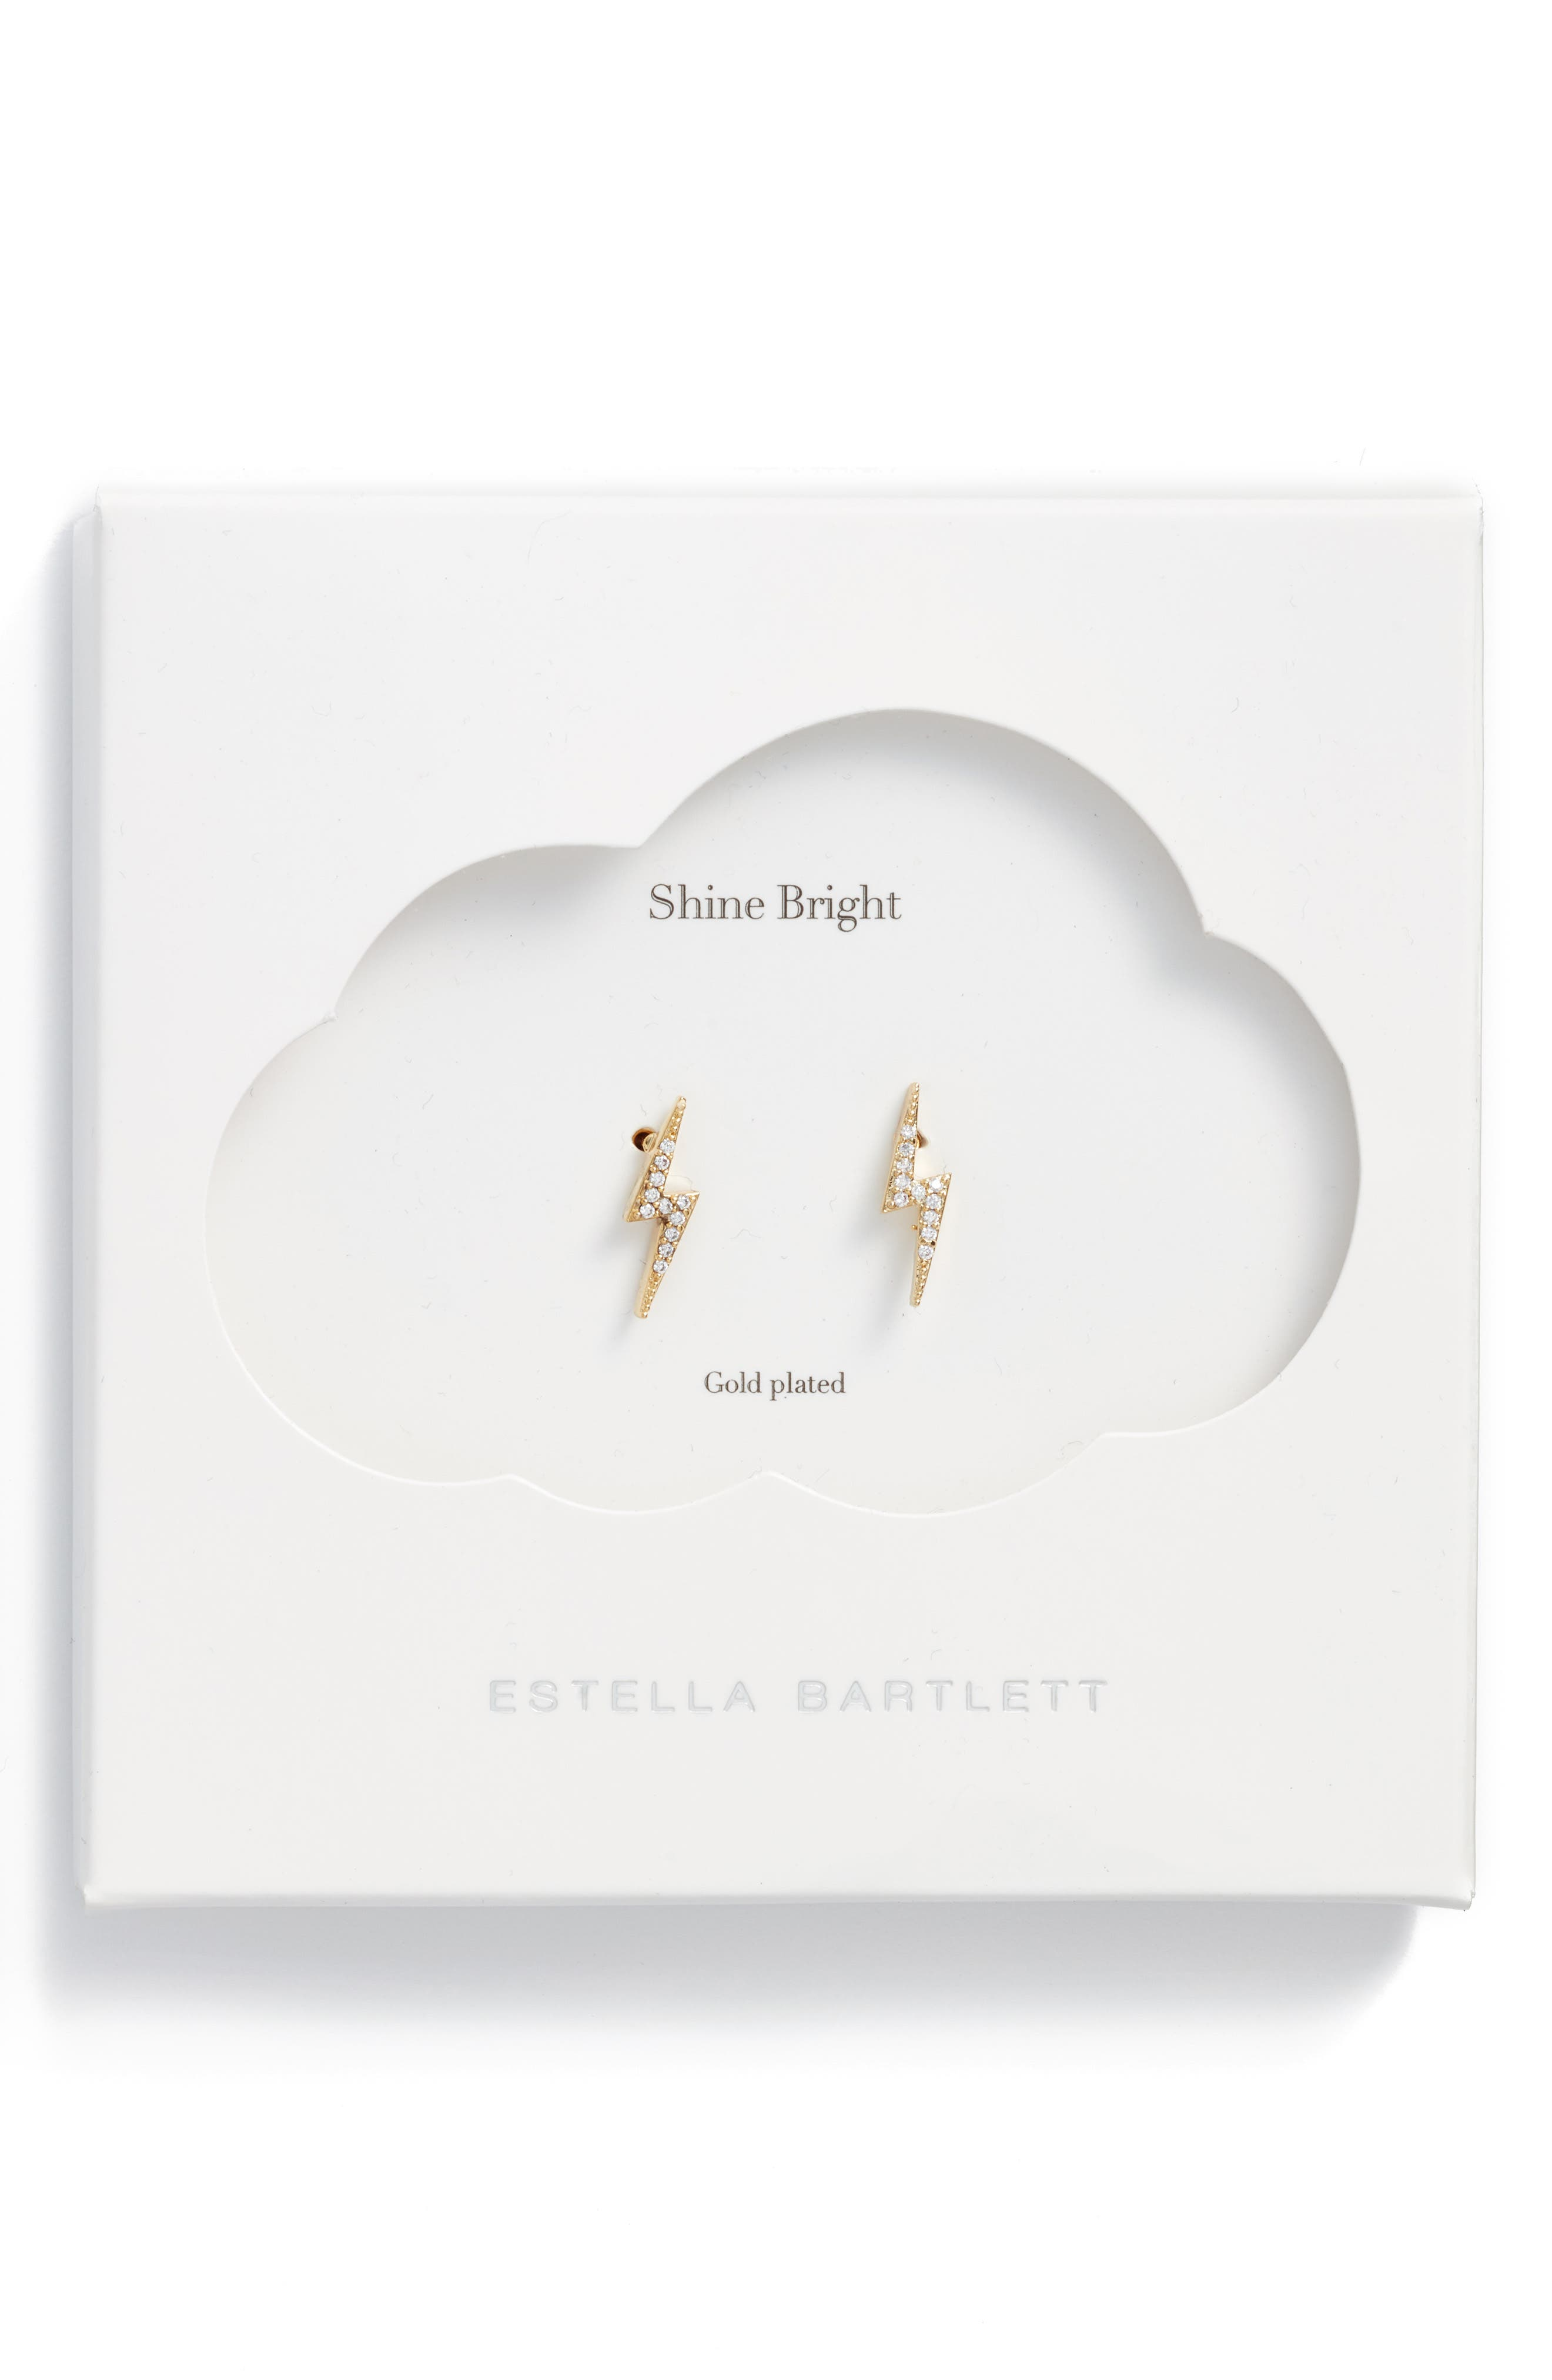 Crystal Lightning Bolt Stud Earrings,                             Alternate thumbnail 3, color,                             GOLD